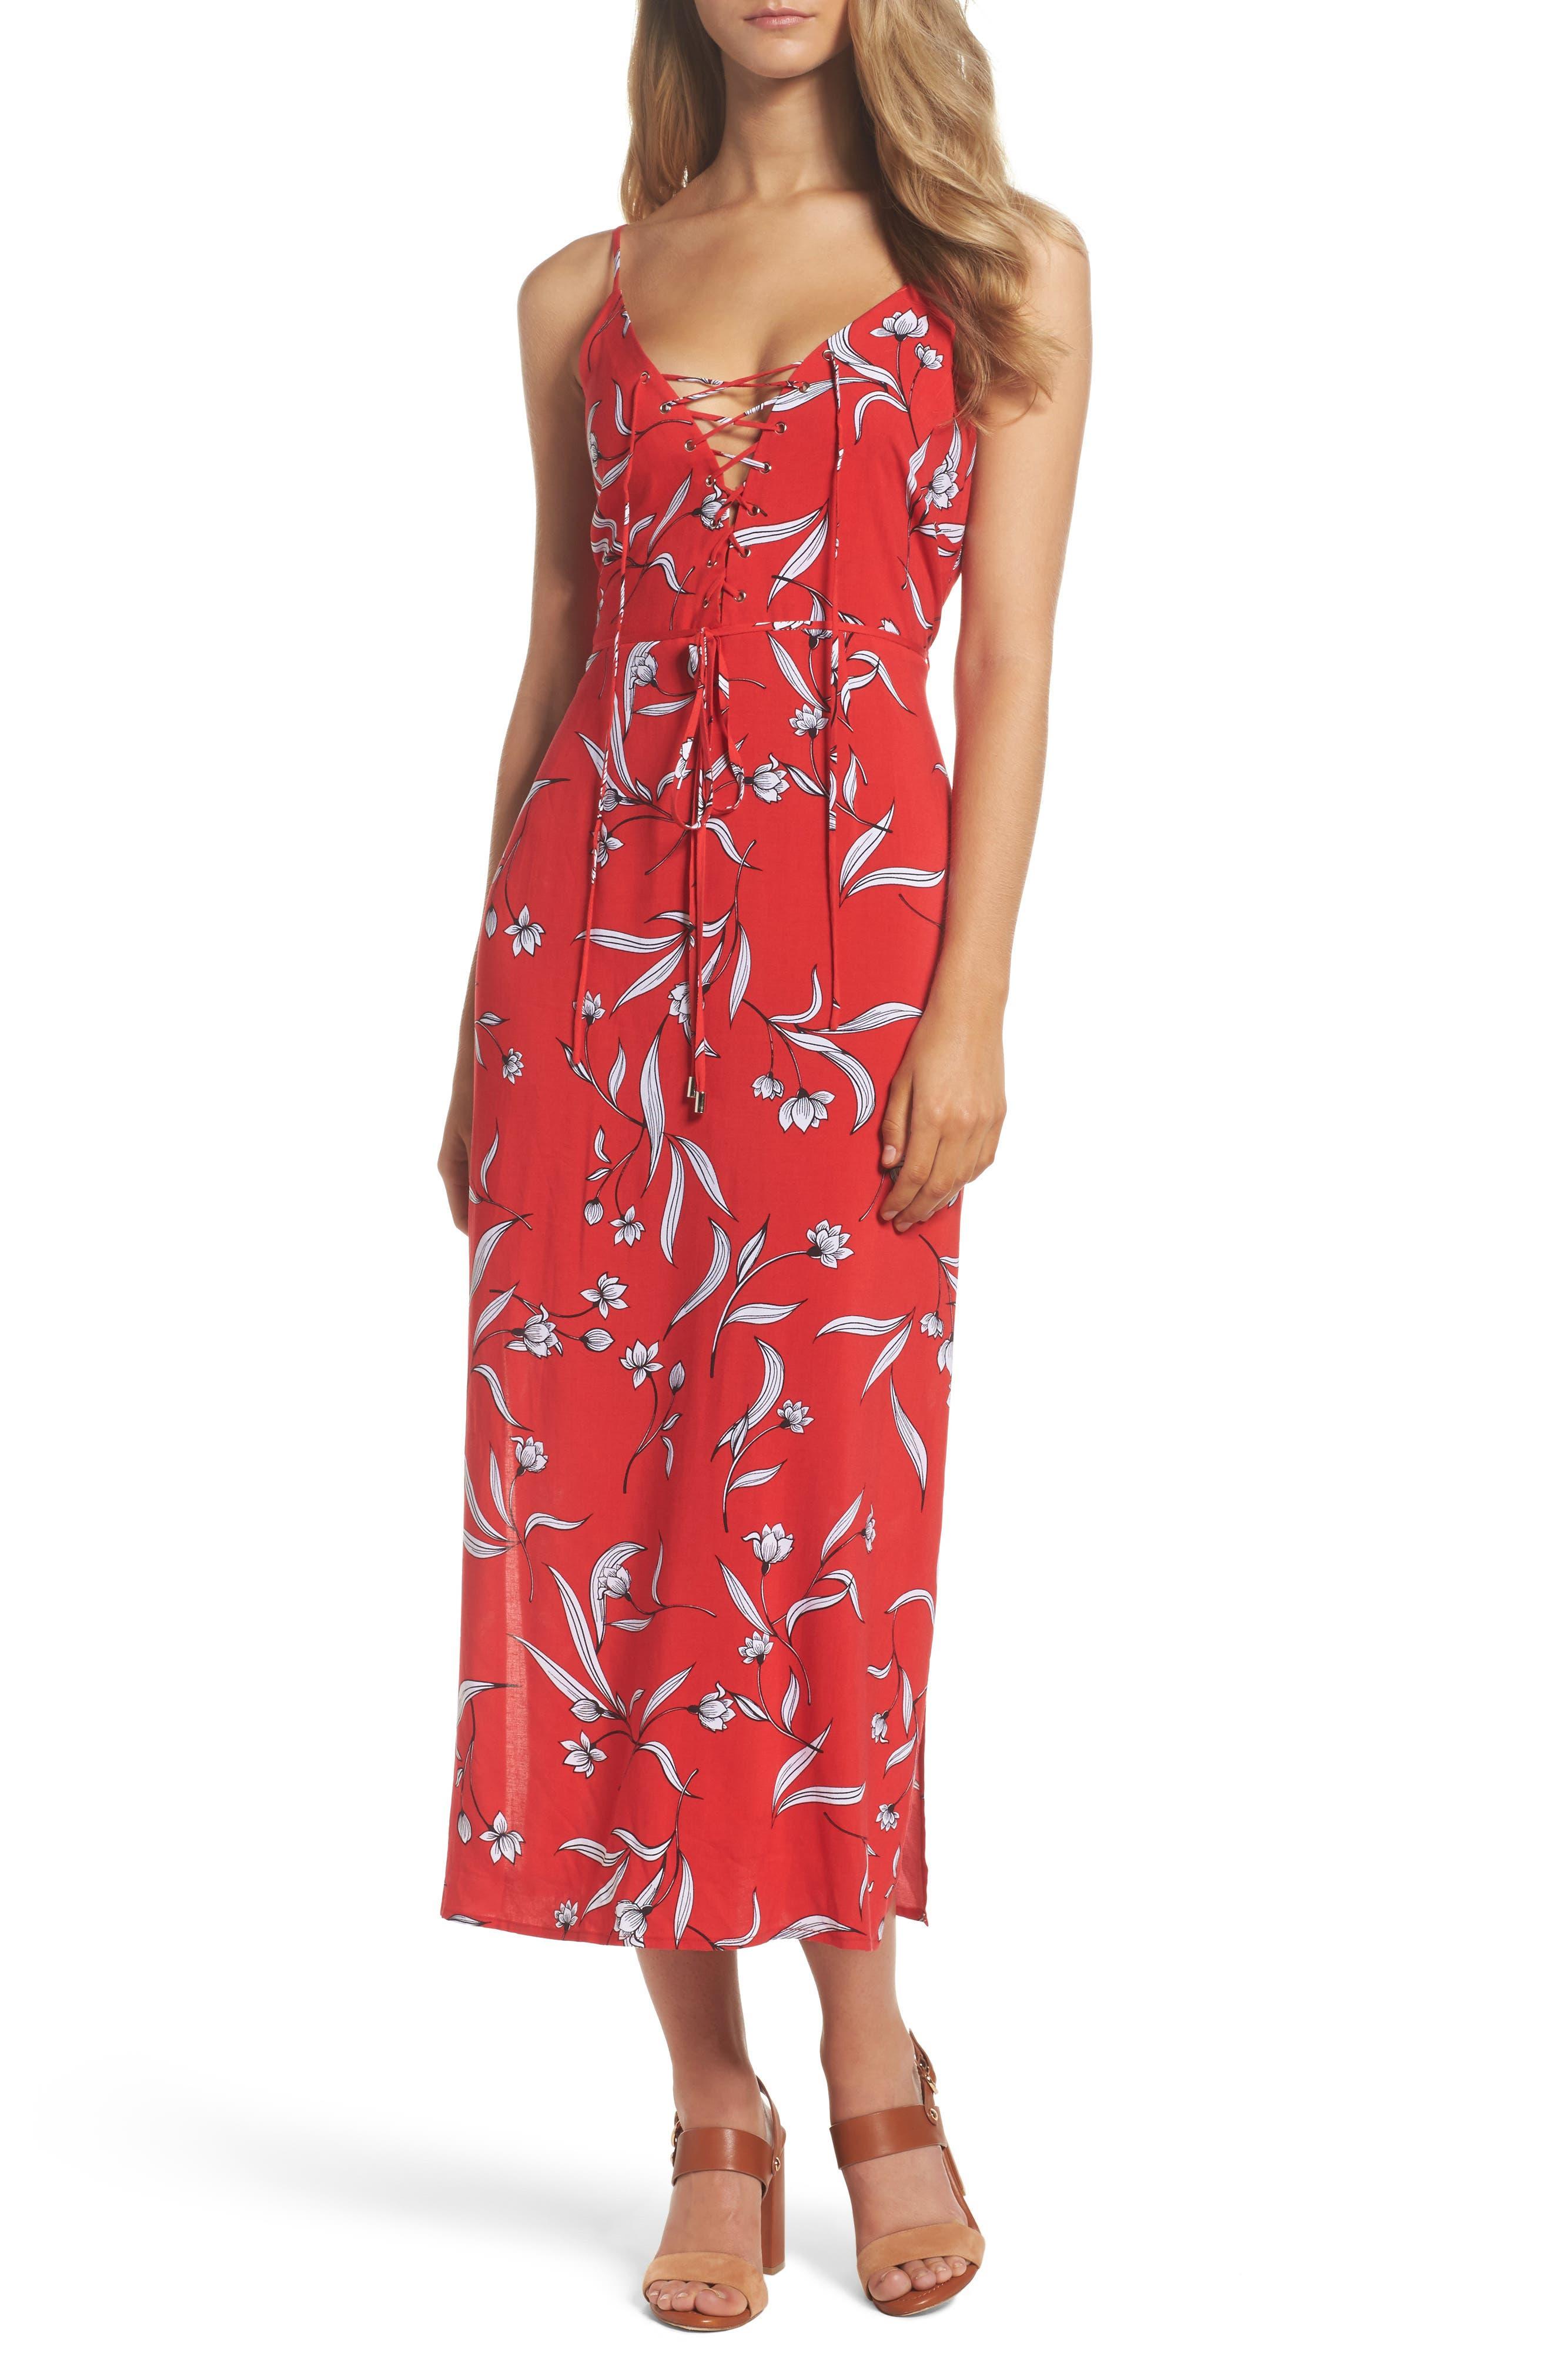 Amelia Floral Dress,                             Main thumbnail 1, color,                             640